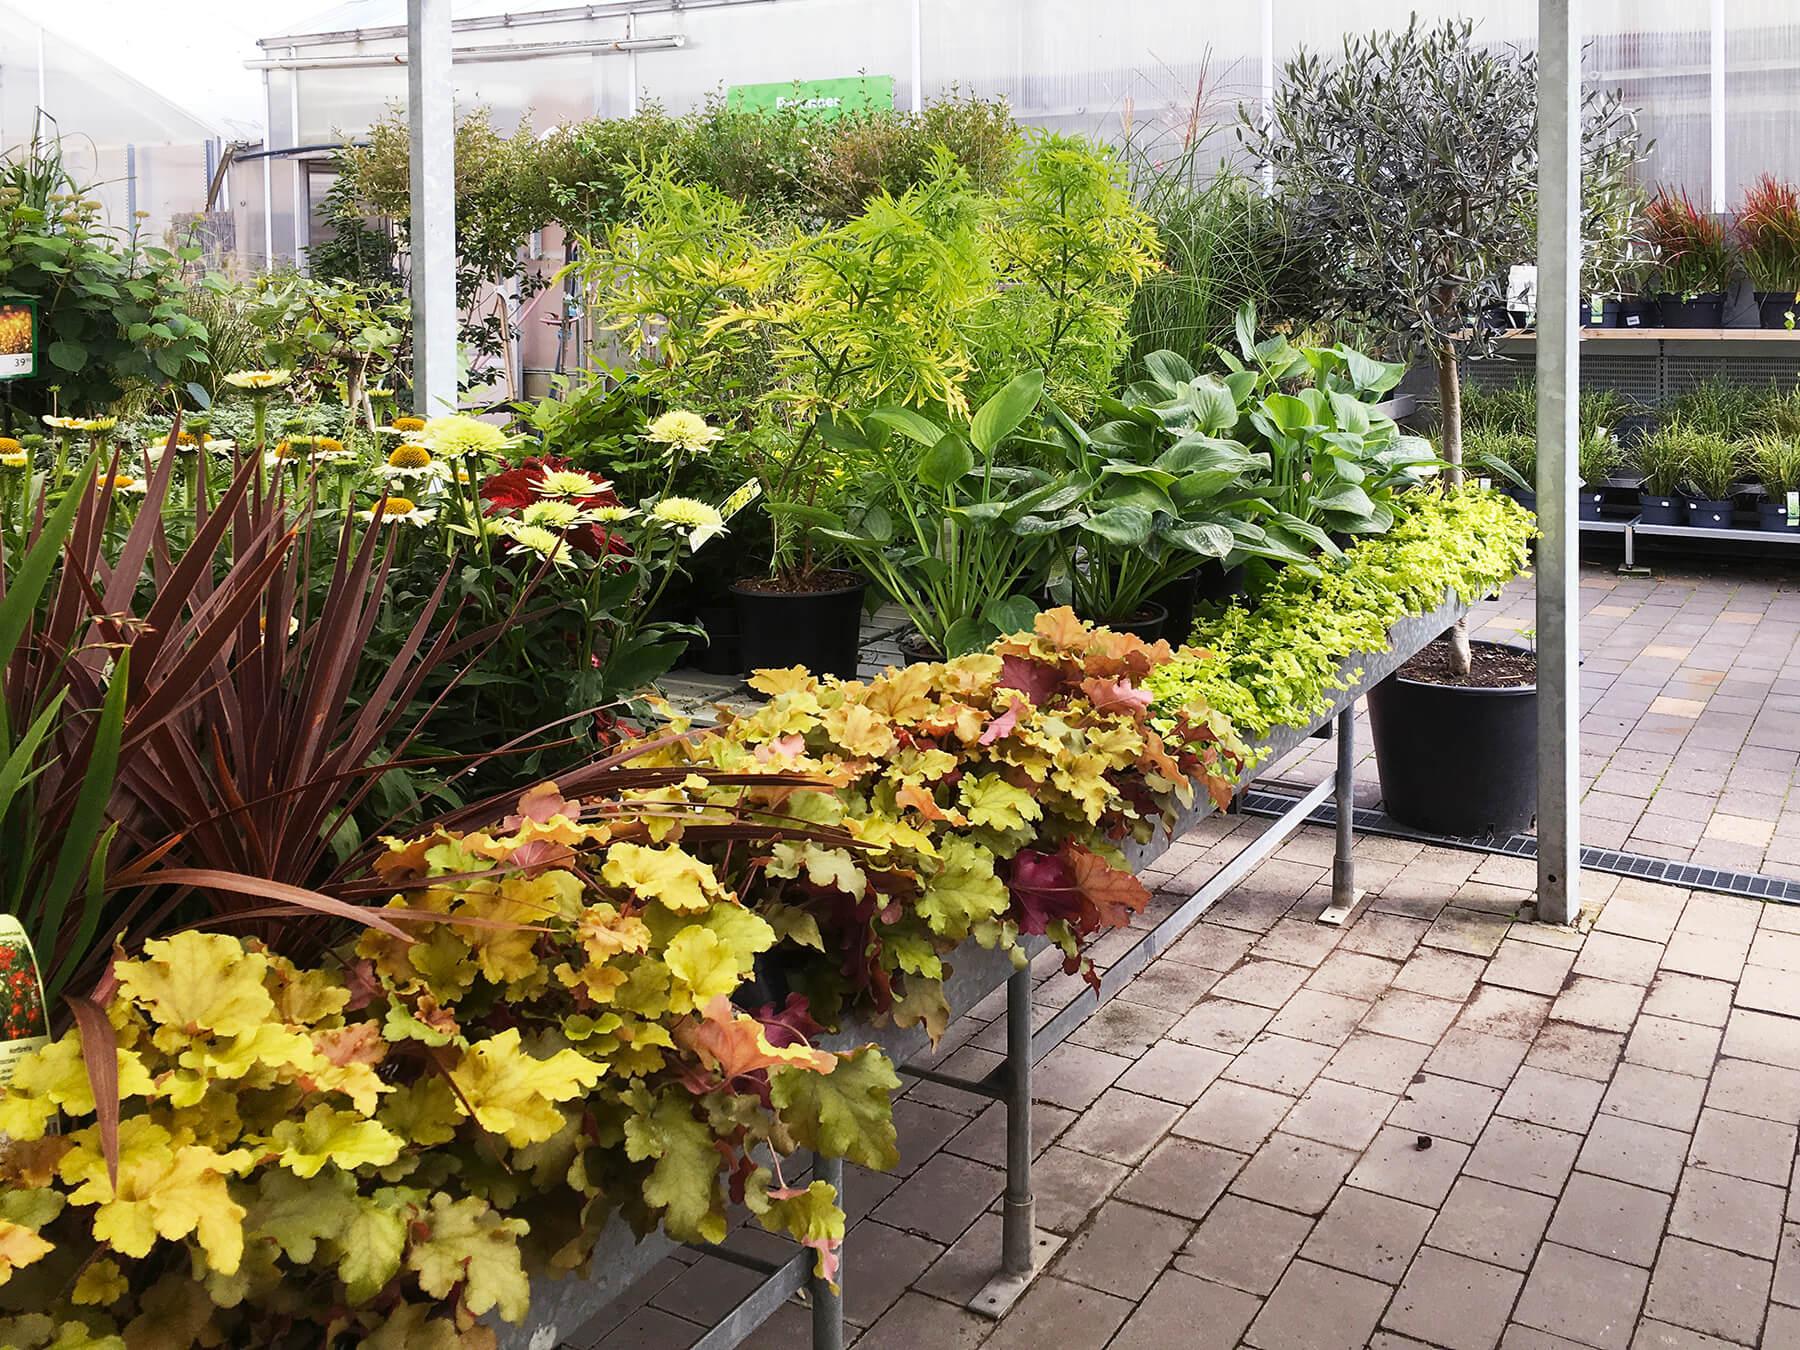 Alunrot i kopparfärg, rudbeckia, bloddracena, funkia mm. Här är en oas för dig som älskar att hålla på med trädgård.